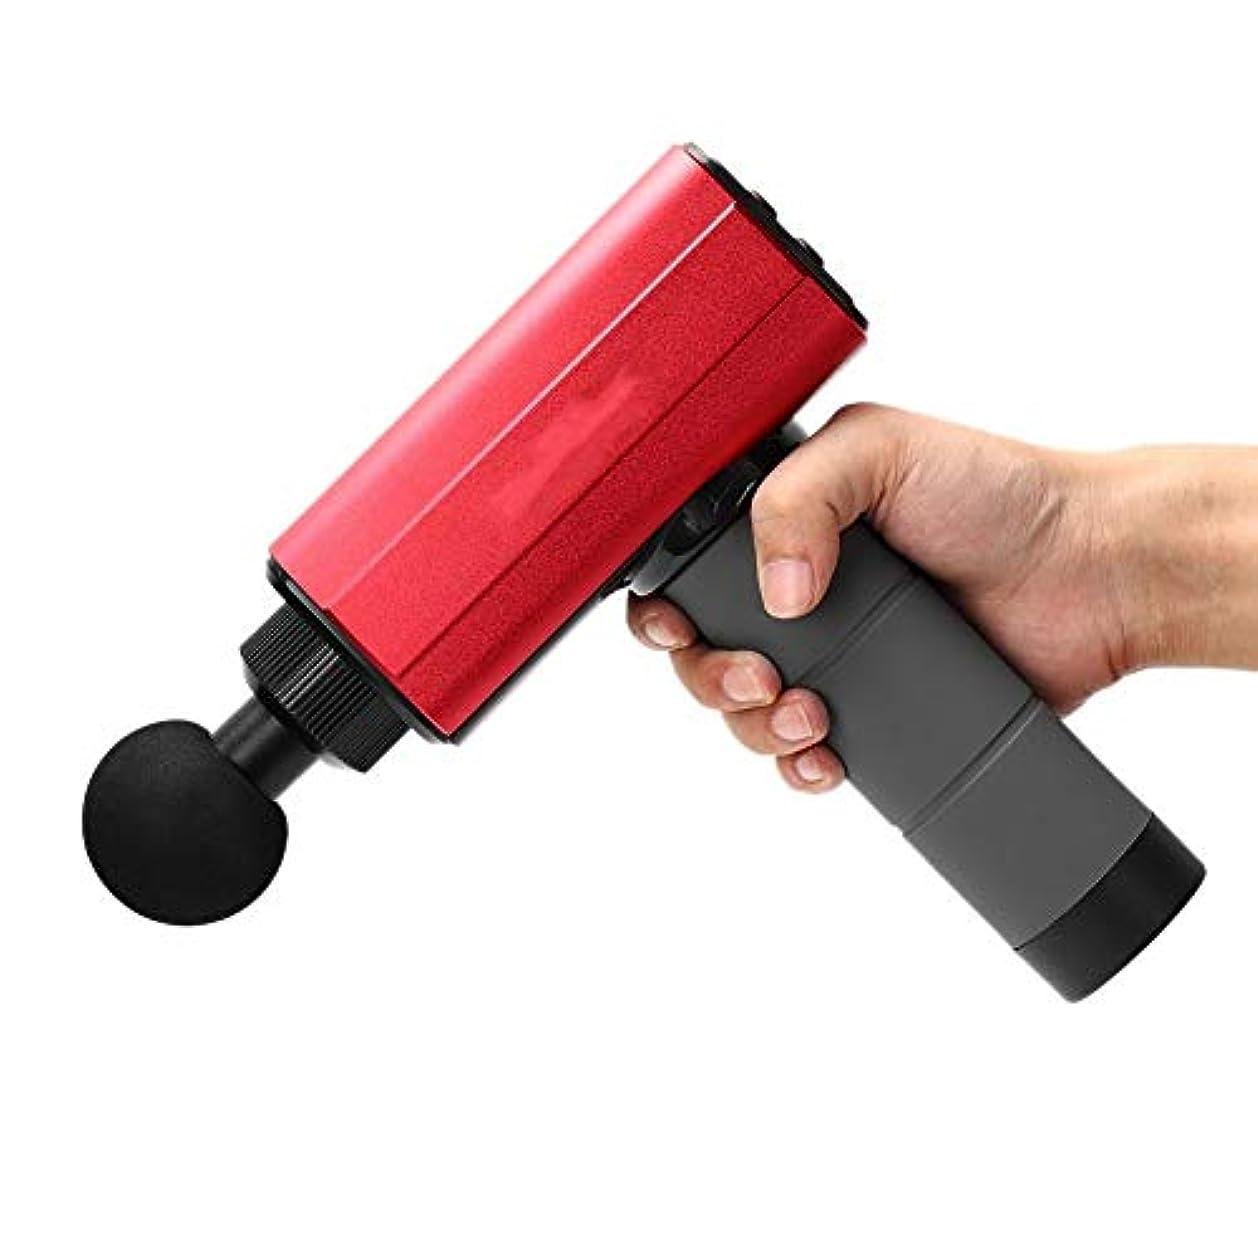 単なるチャンバー母音手持ち型の深いティッシュ筋肉マッサージャー銃の再充電可能なマッサージ装置、体の痛みのための専門のコードレスパーカッション(US Plug)